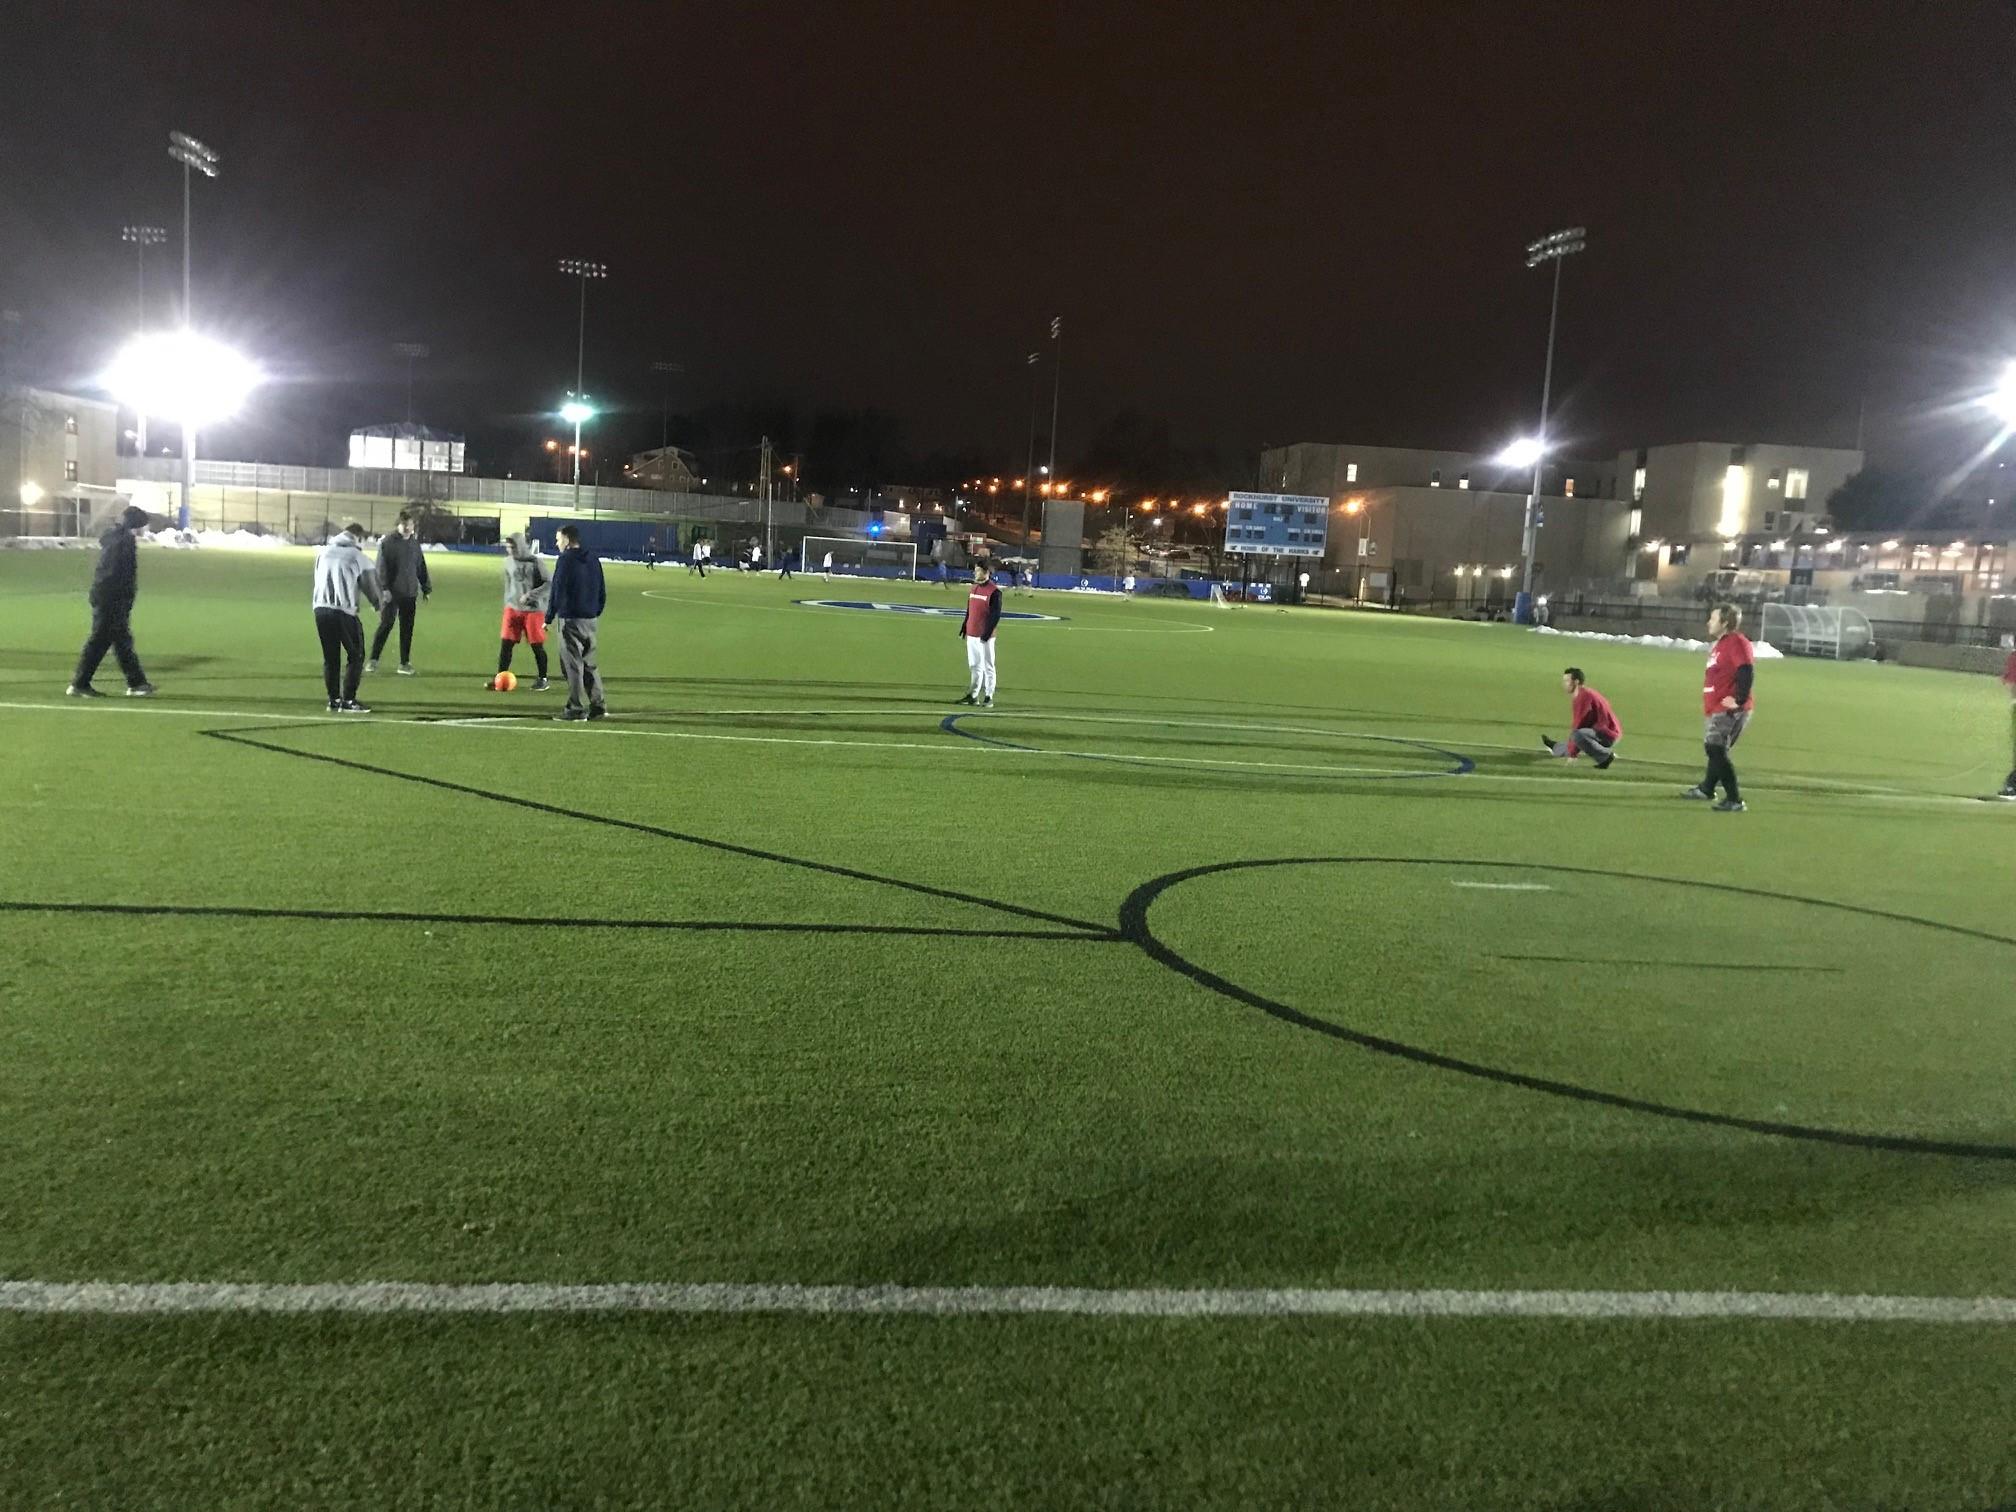 Men preparing for rugby-soccer: Barbasol red vs neutral tones